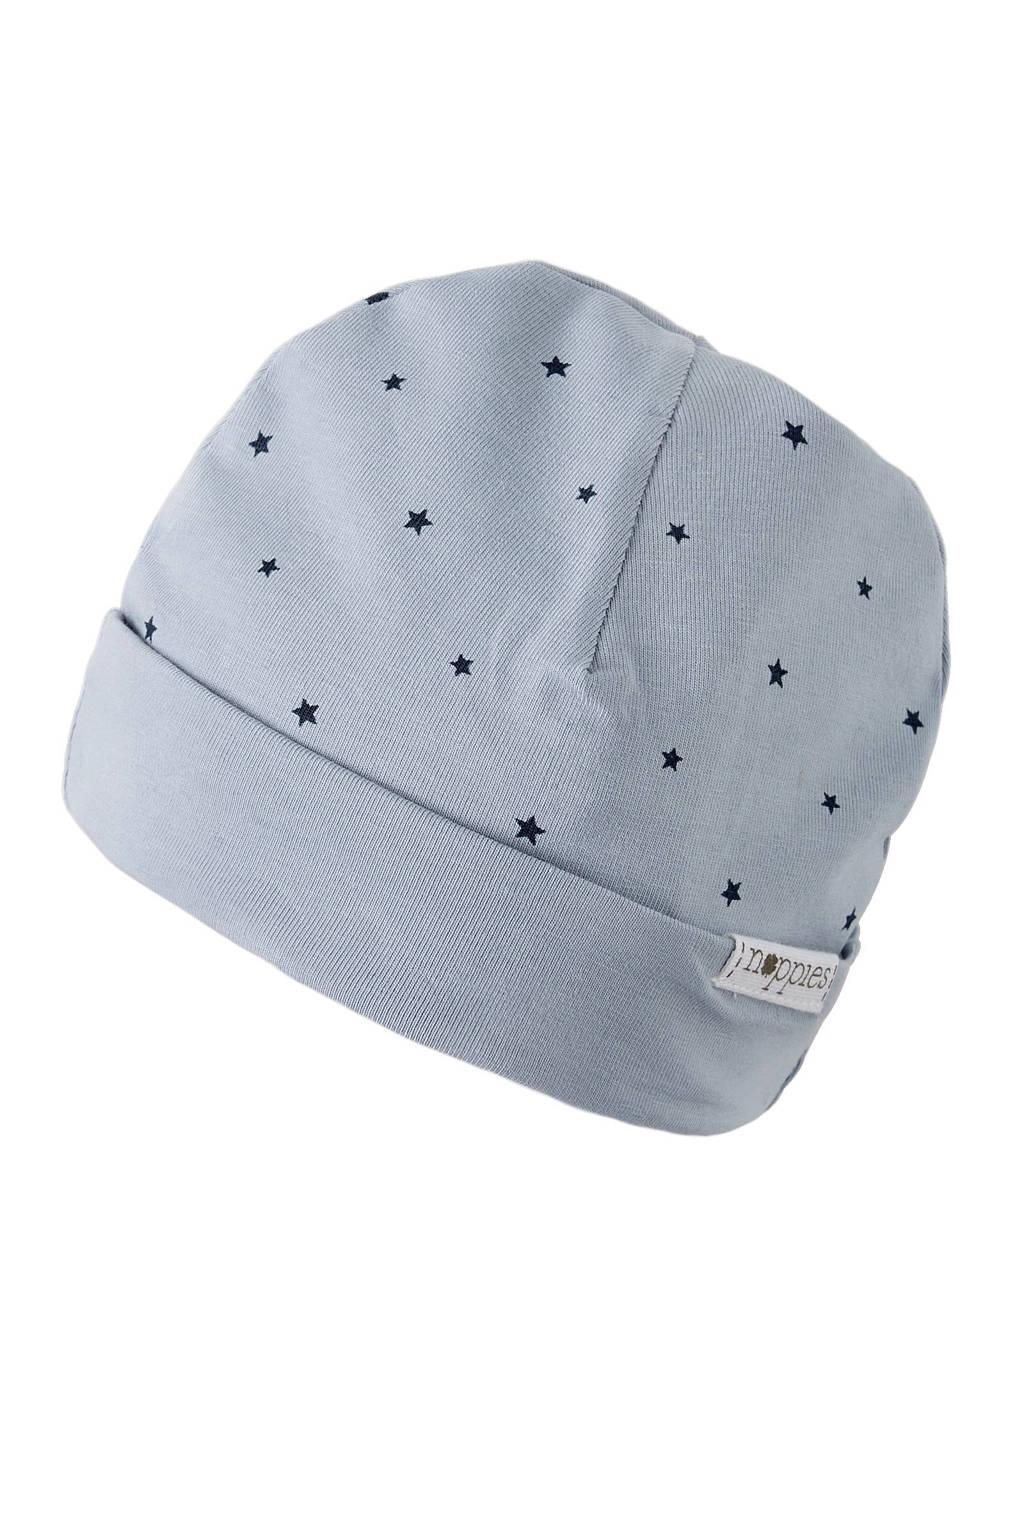 Noppies newborn baby muts Nembro, Grey/blue